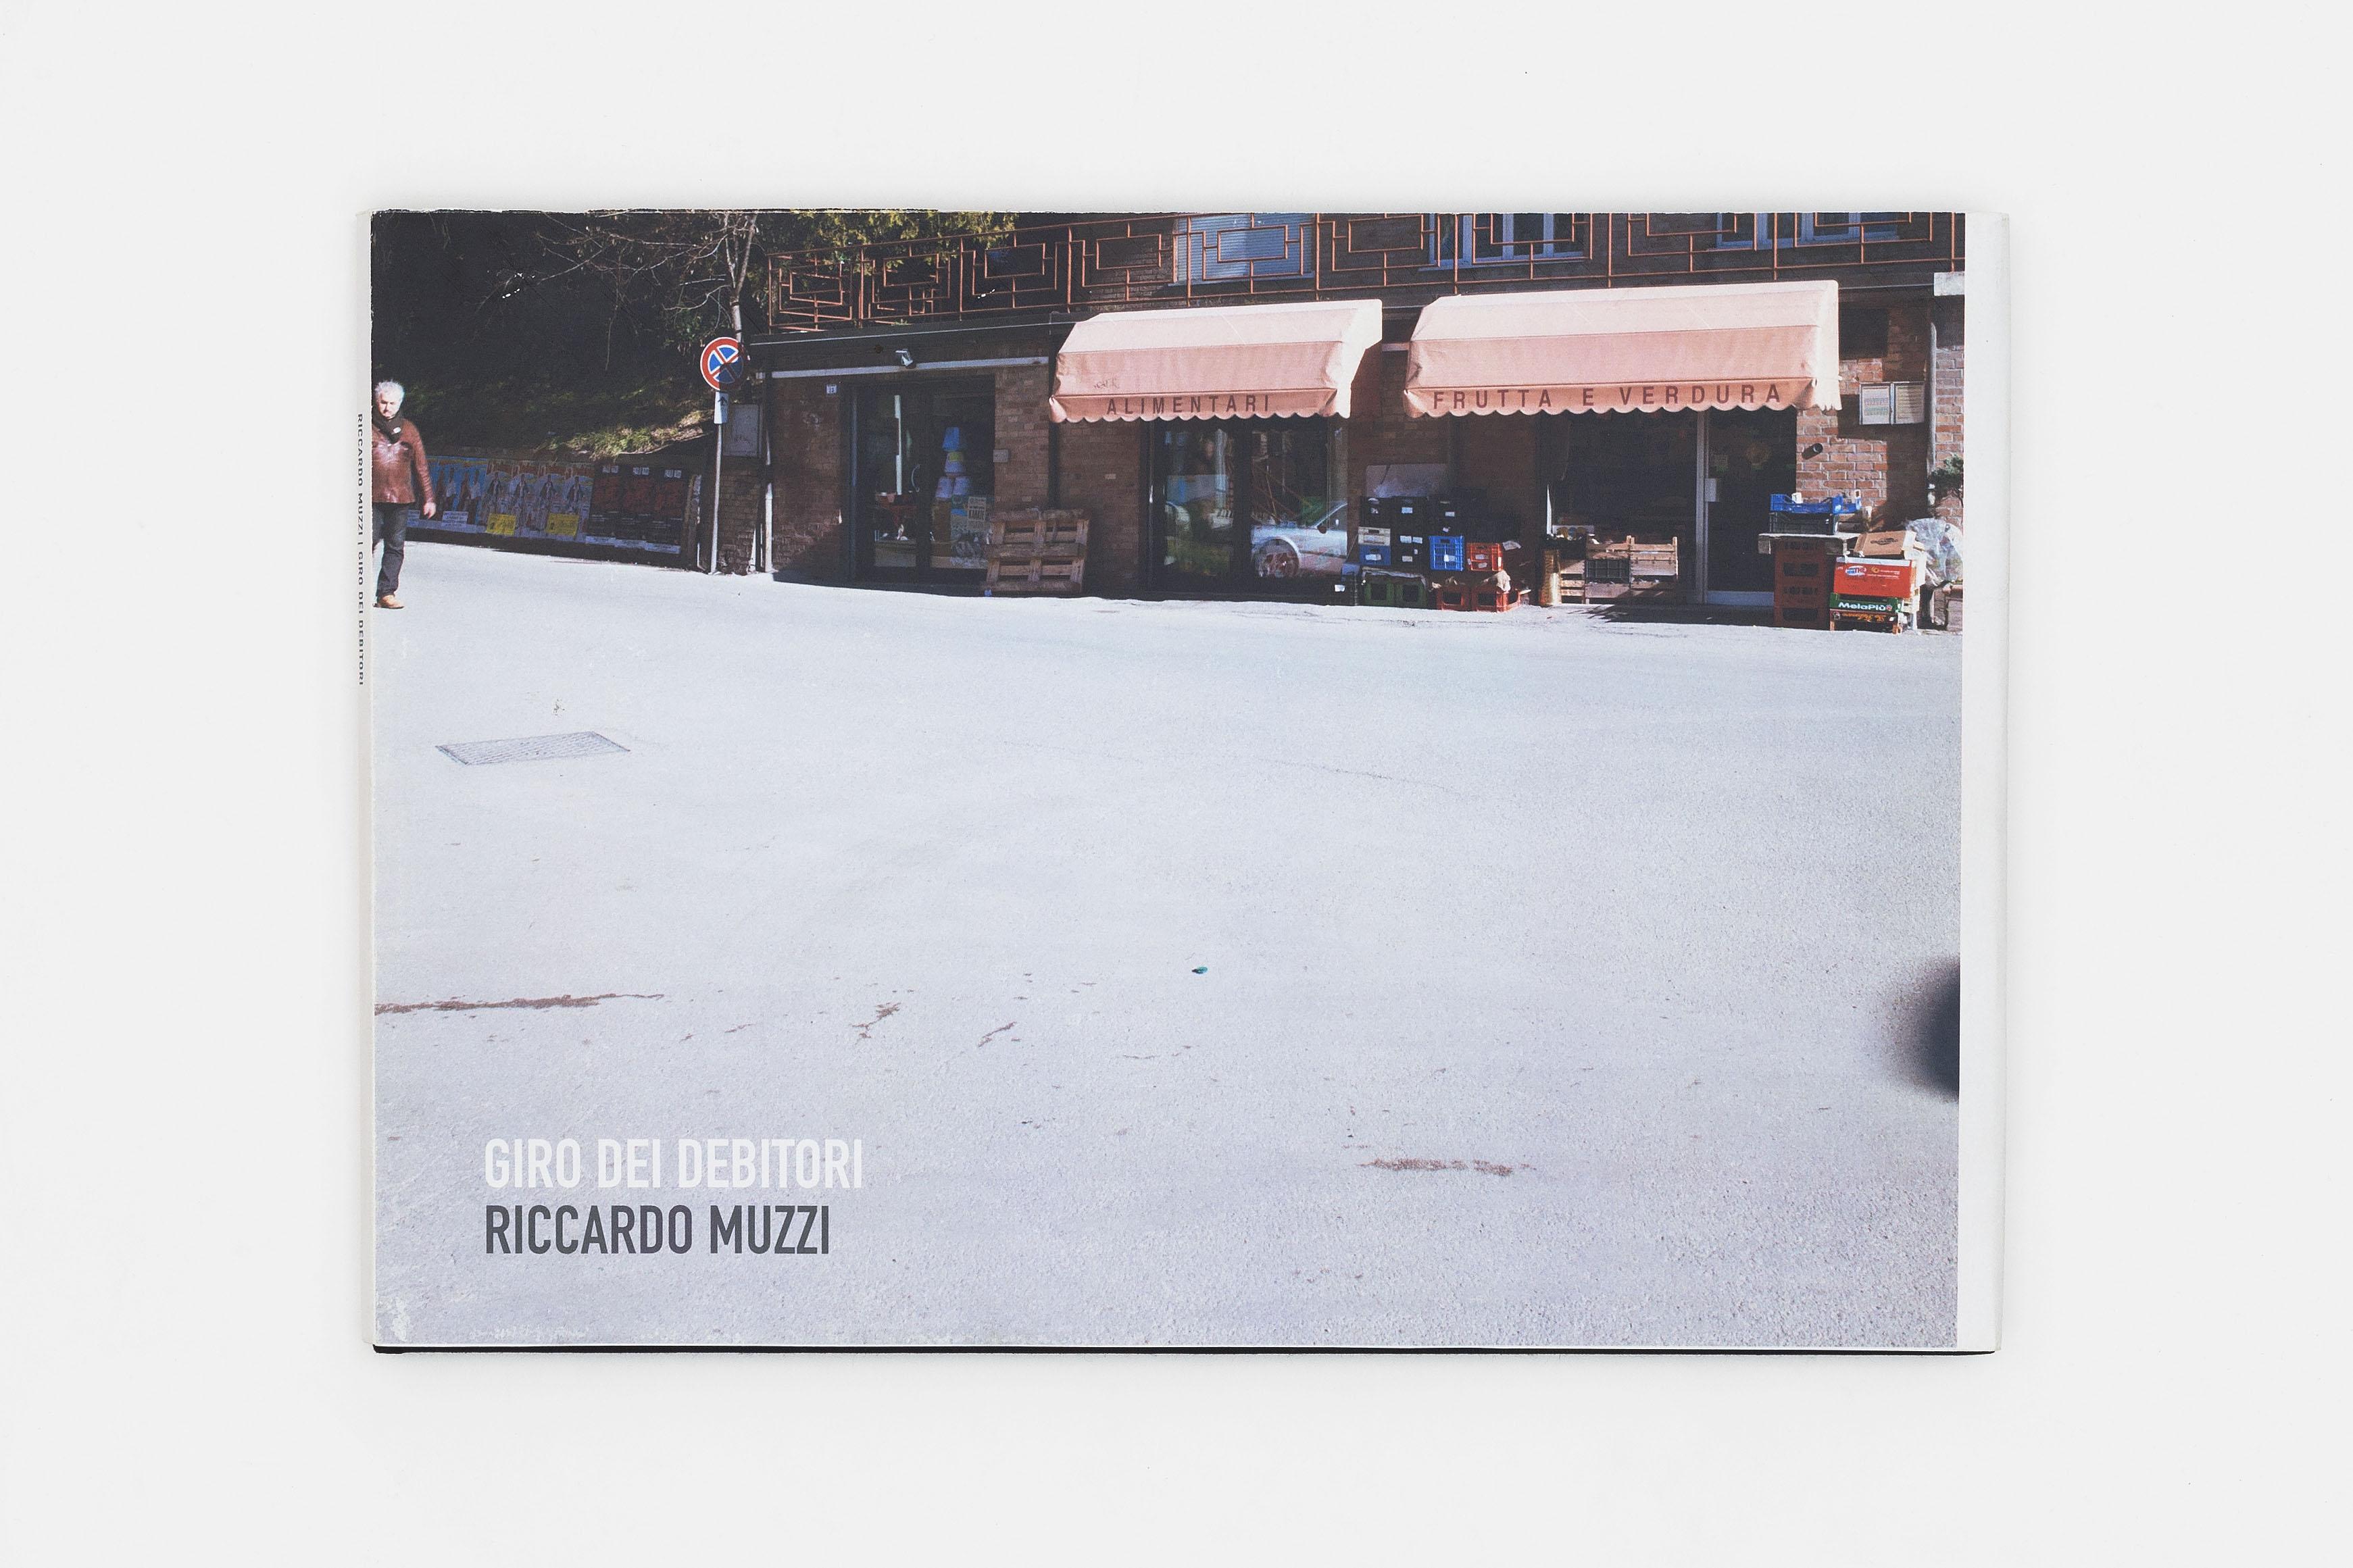 Riccardo Muzzi - Giro Dei Debitori / Esame Biennio Specialistico ISIA